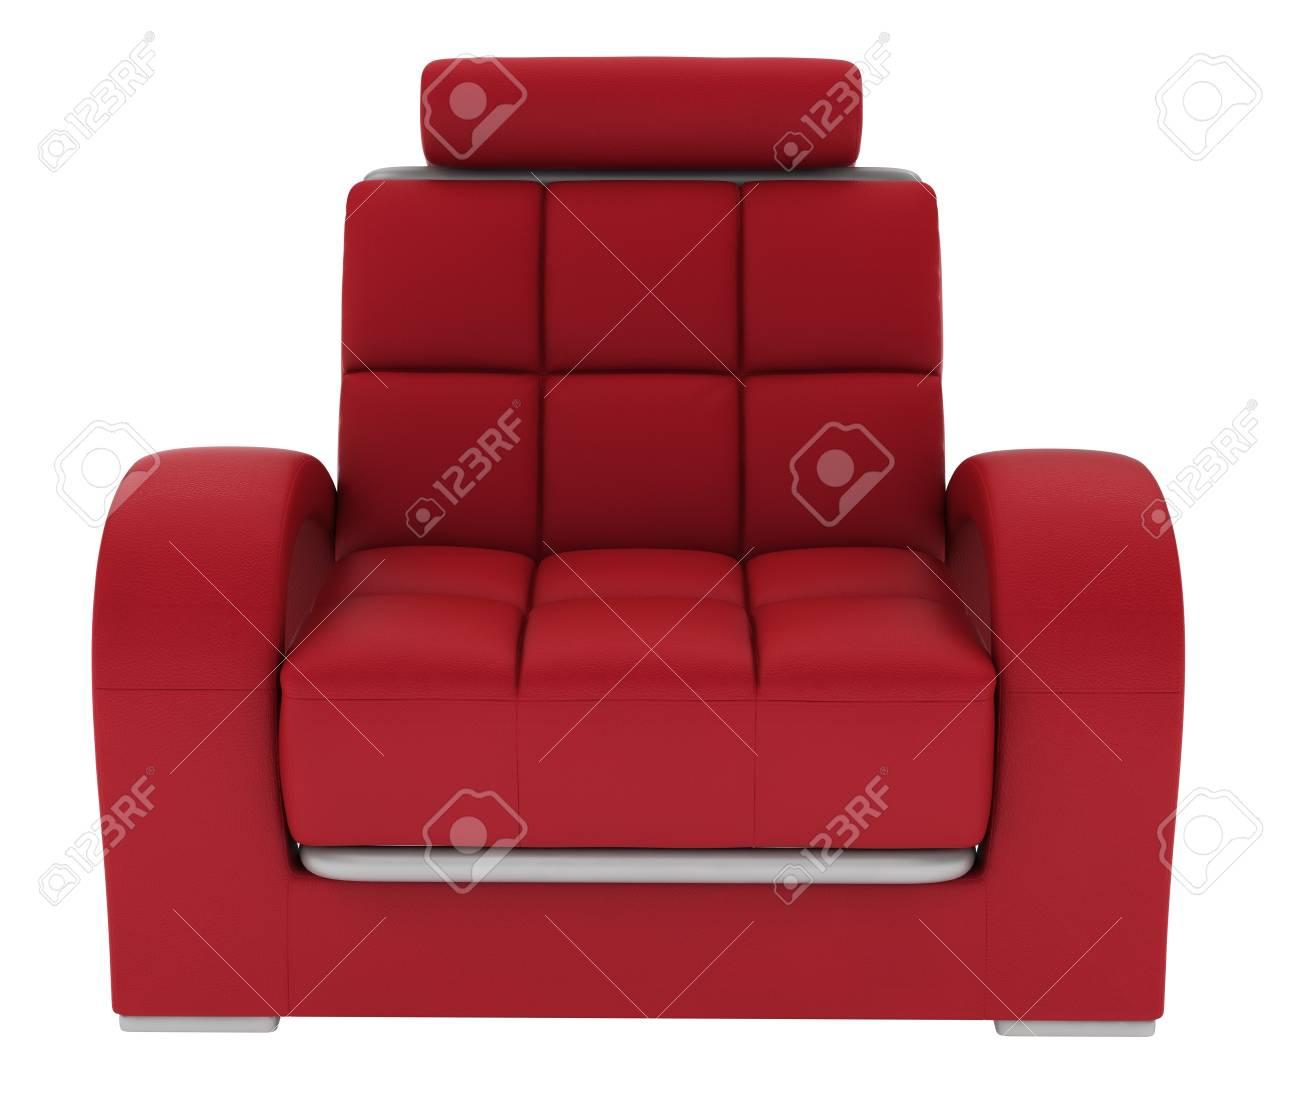 single leather sofa on white background.